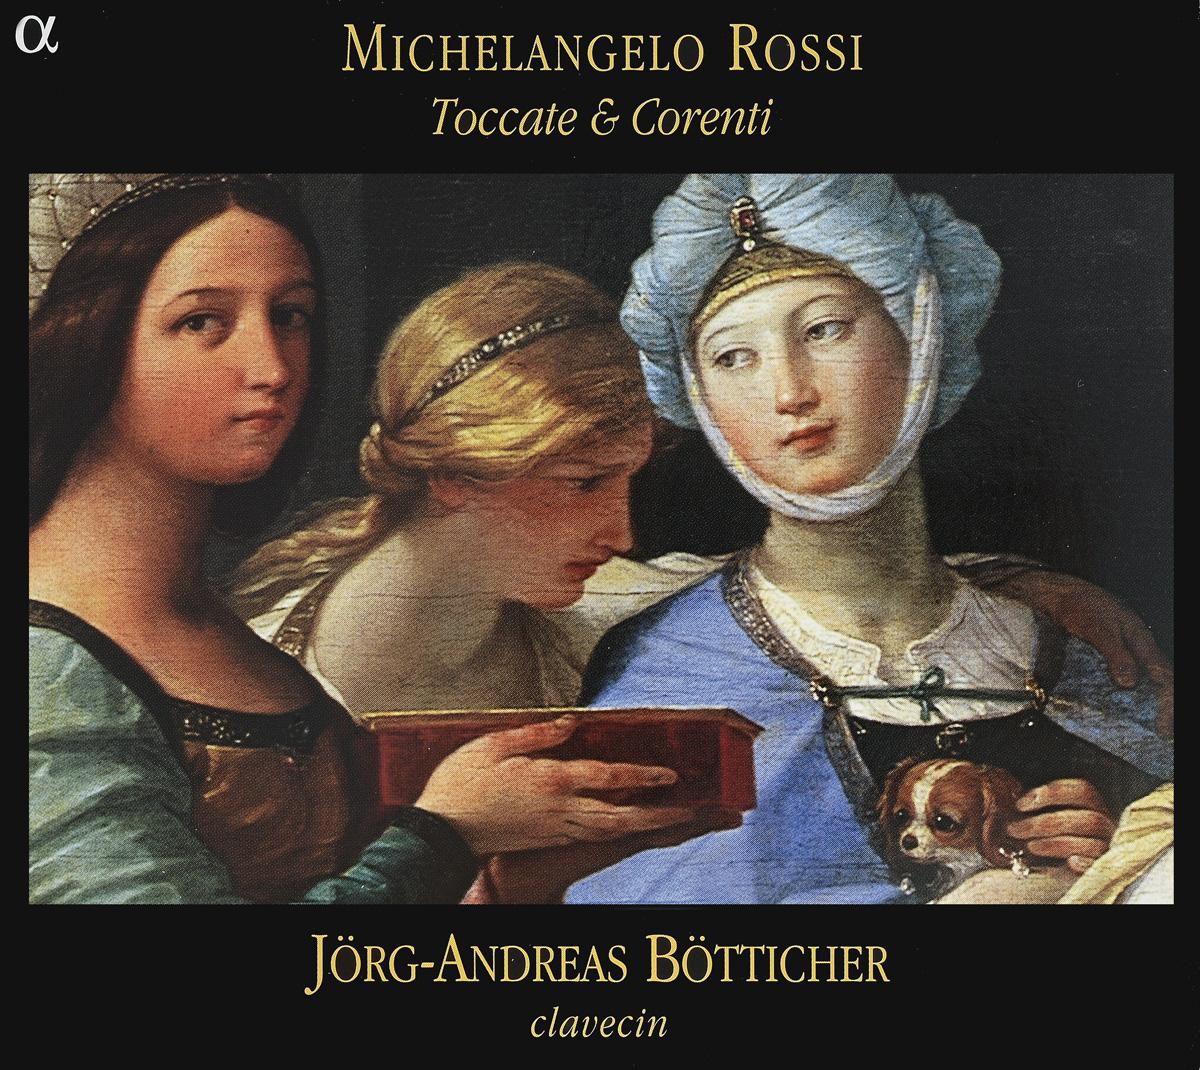 Michelangelo Rossi - Jorg-Andreas Botticher. Toccate & Corenti